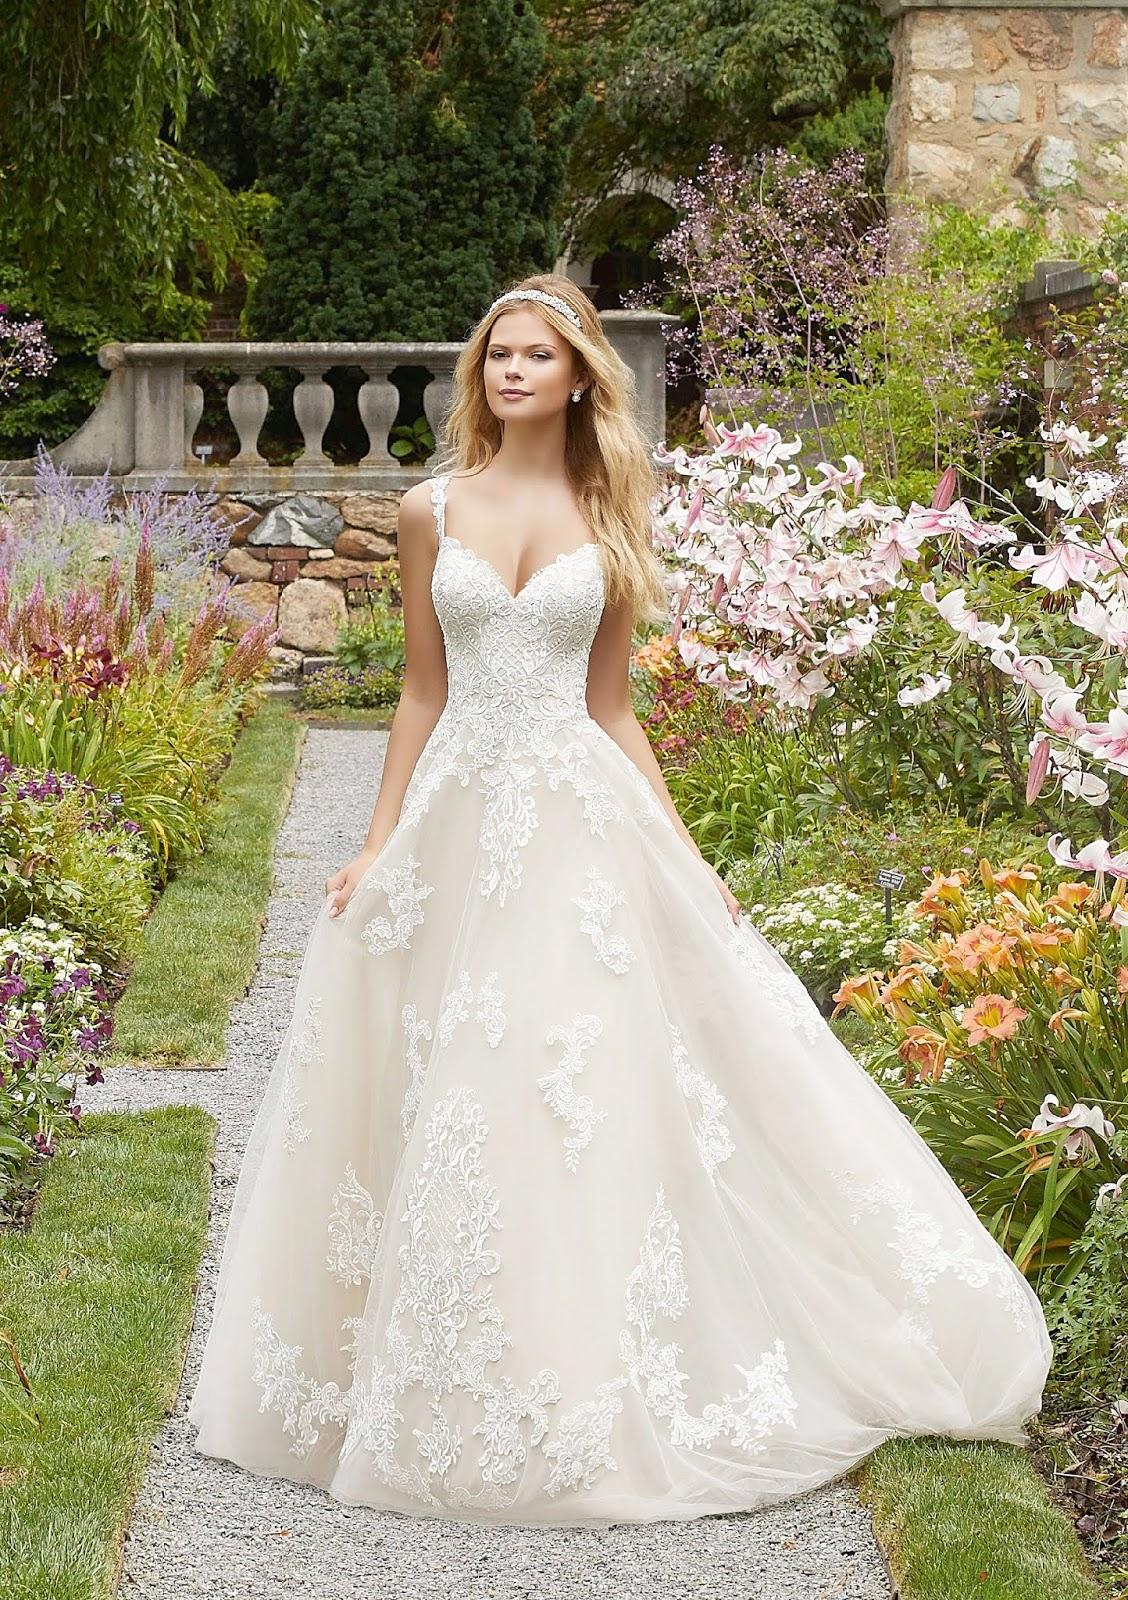 L I L Y MENYASSZONYI RUHASZALONOK KATALÓGUS  MORILEE menyasszonyi ... c9b386e4b3